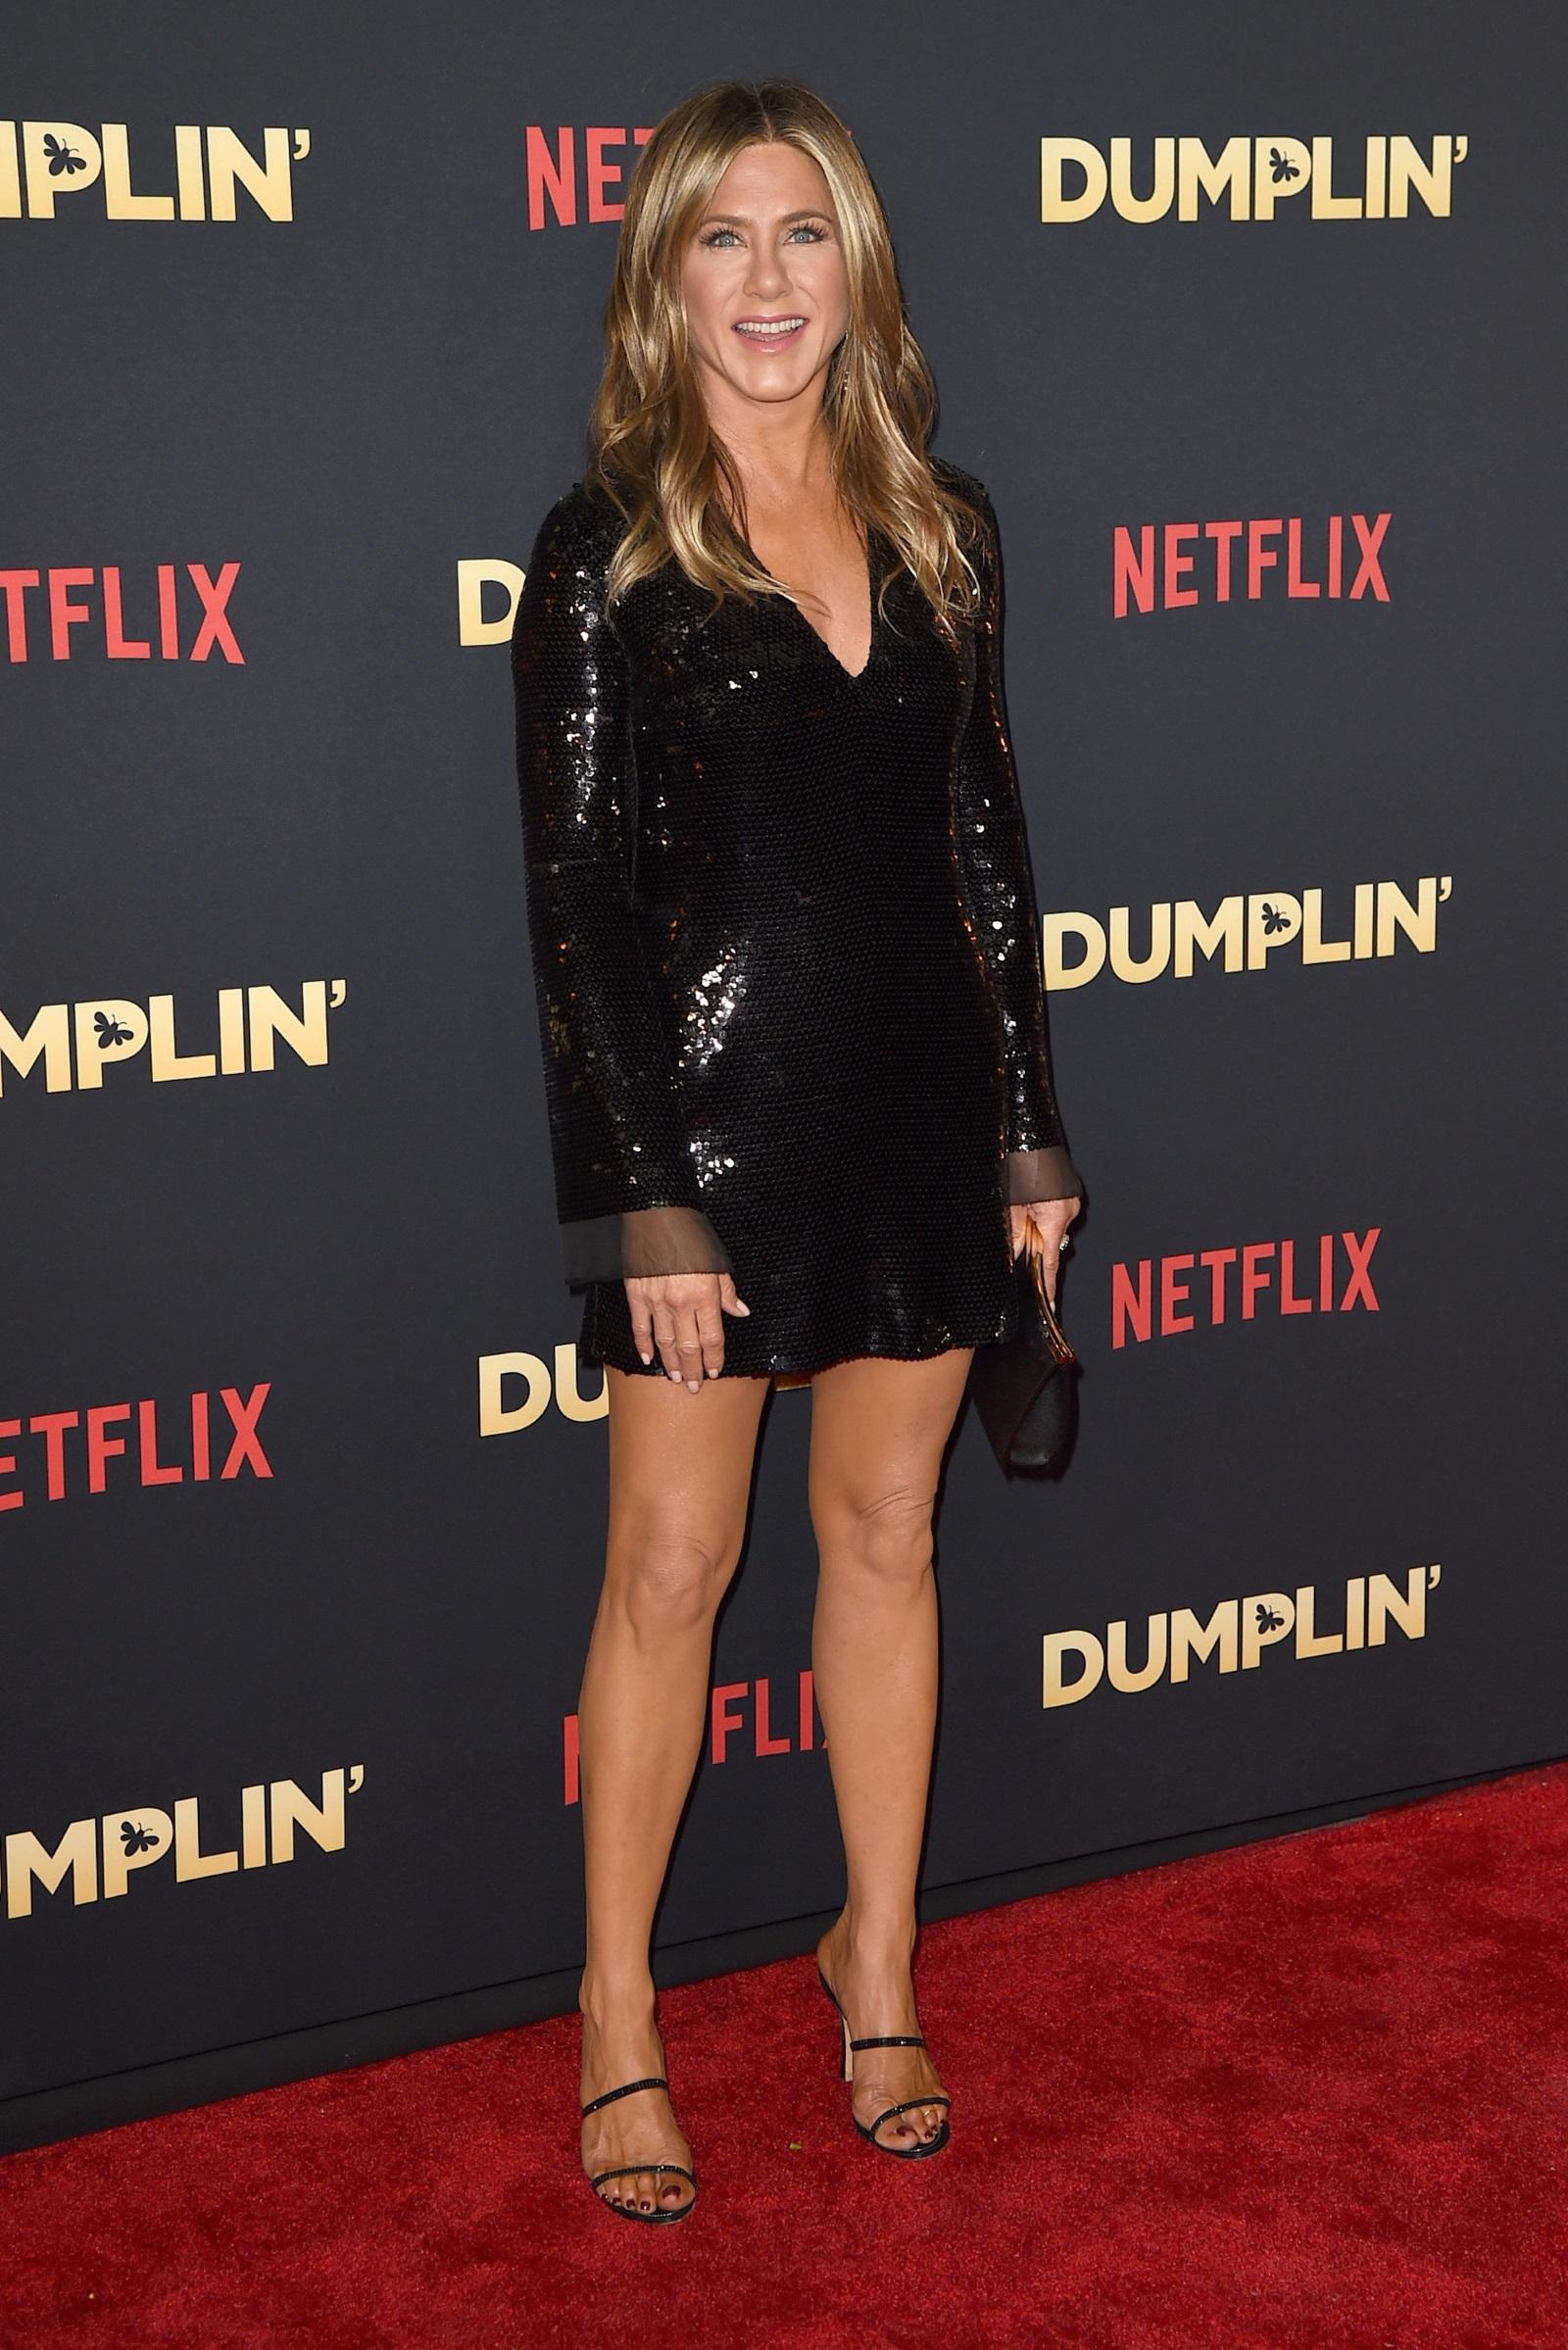 Една холивудска звезда, на която годините не ѝ личат. С две сериозни връзки зад гърба си и много роли, през 2019 г. Дженифър Анистън ще посрещне 50-ия си рожден ден.